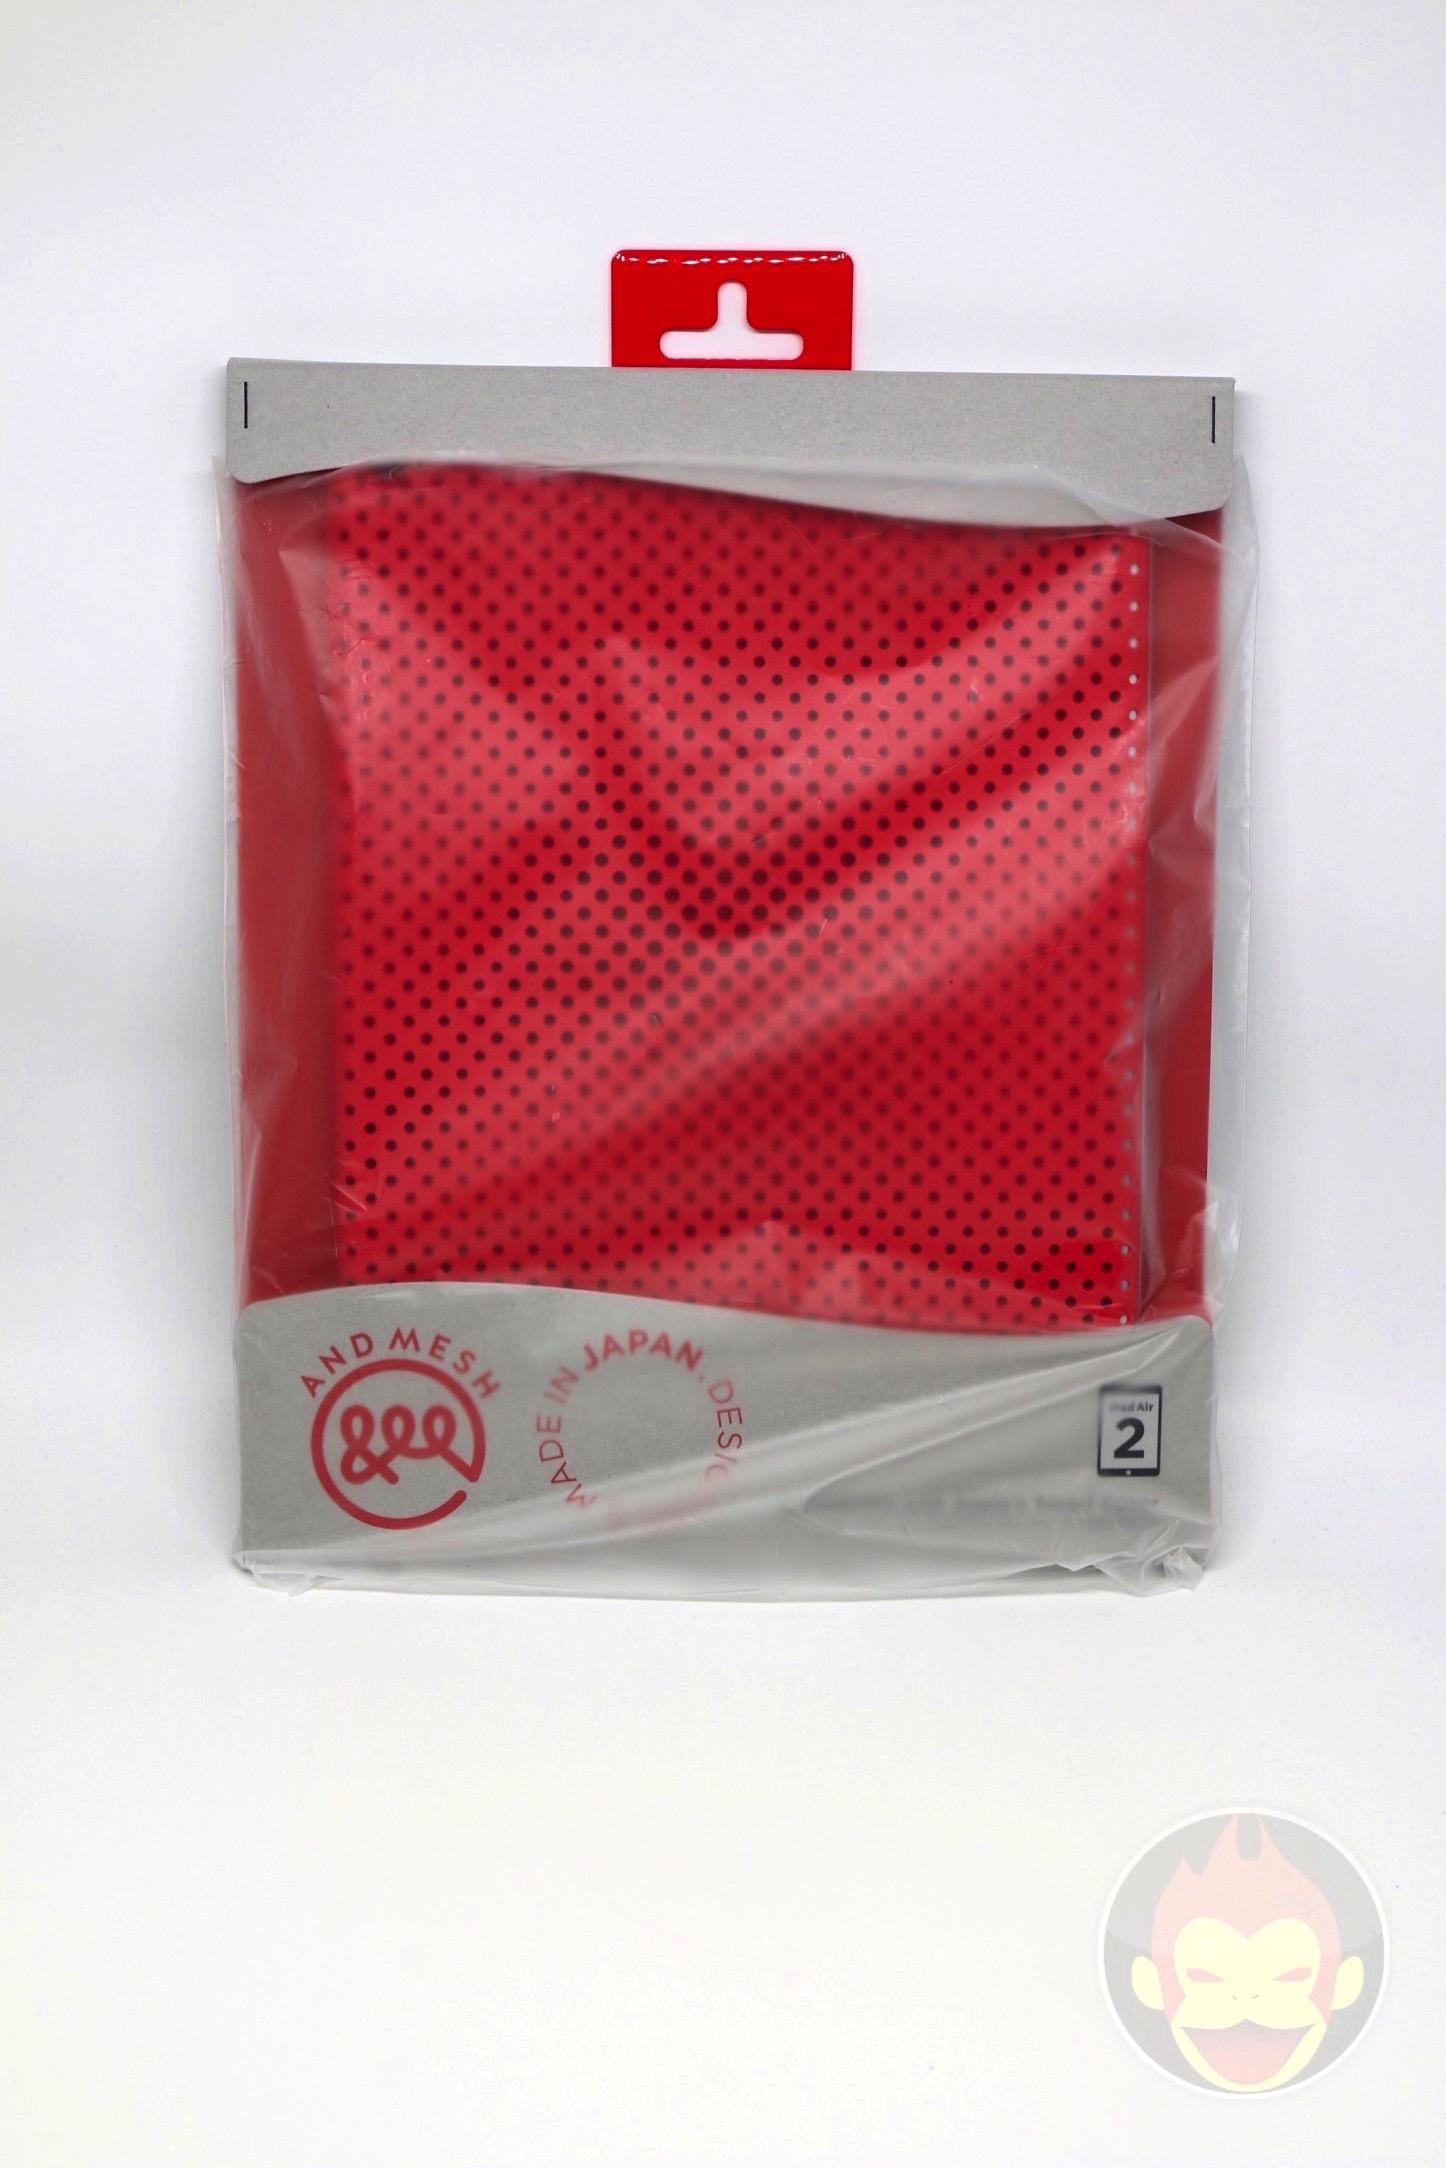 AndMesh-Mesh-Case-for-iPad-Air-2-19.JPG